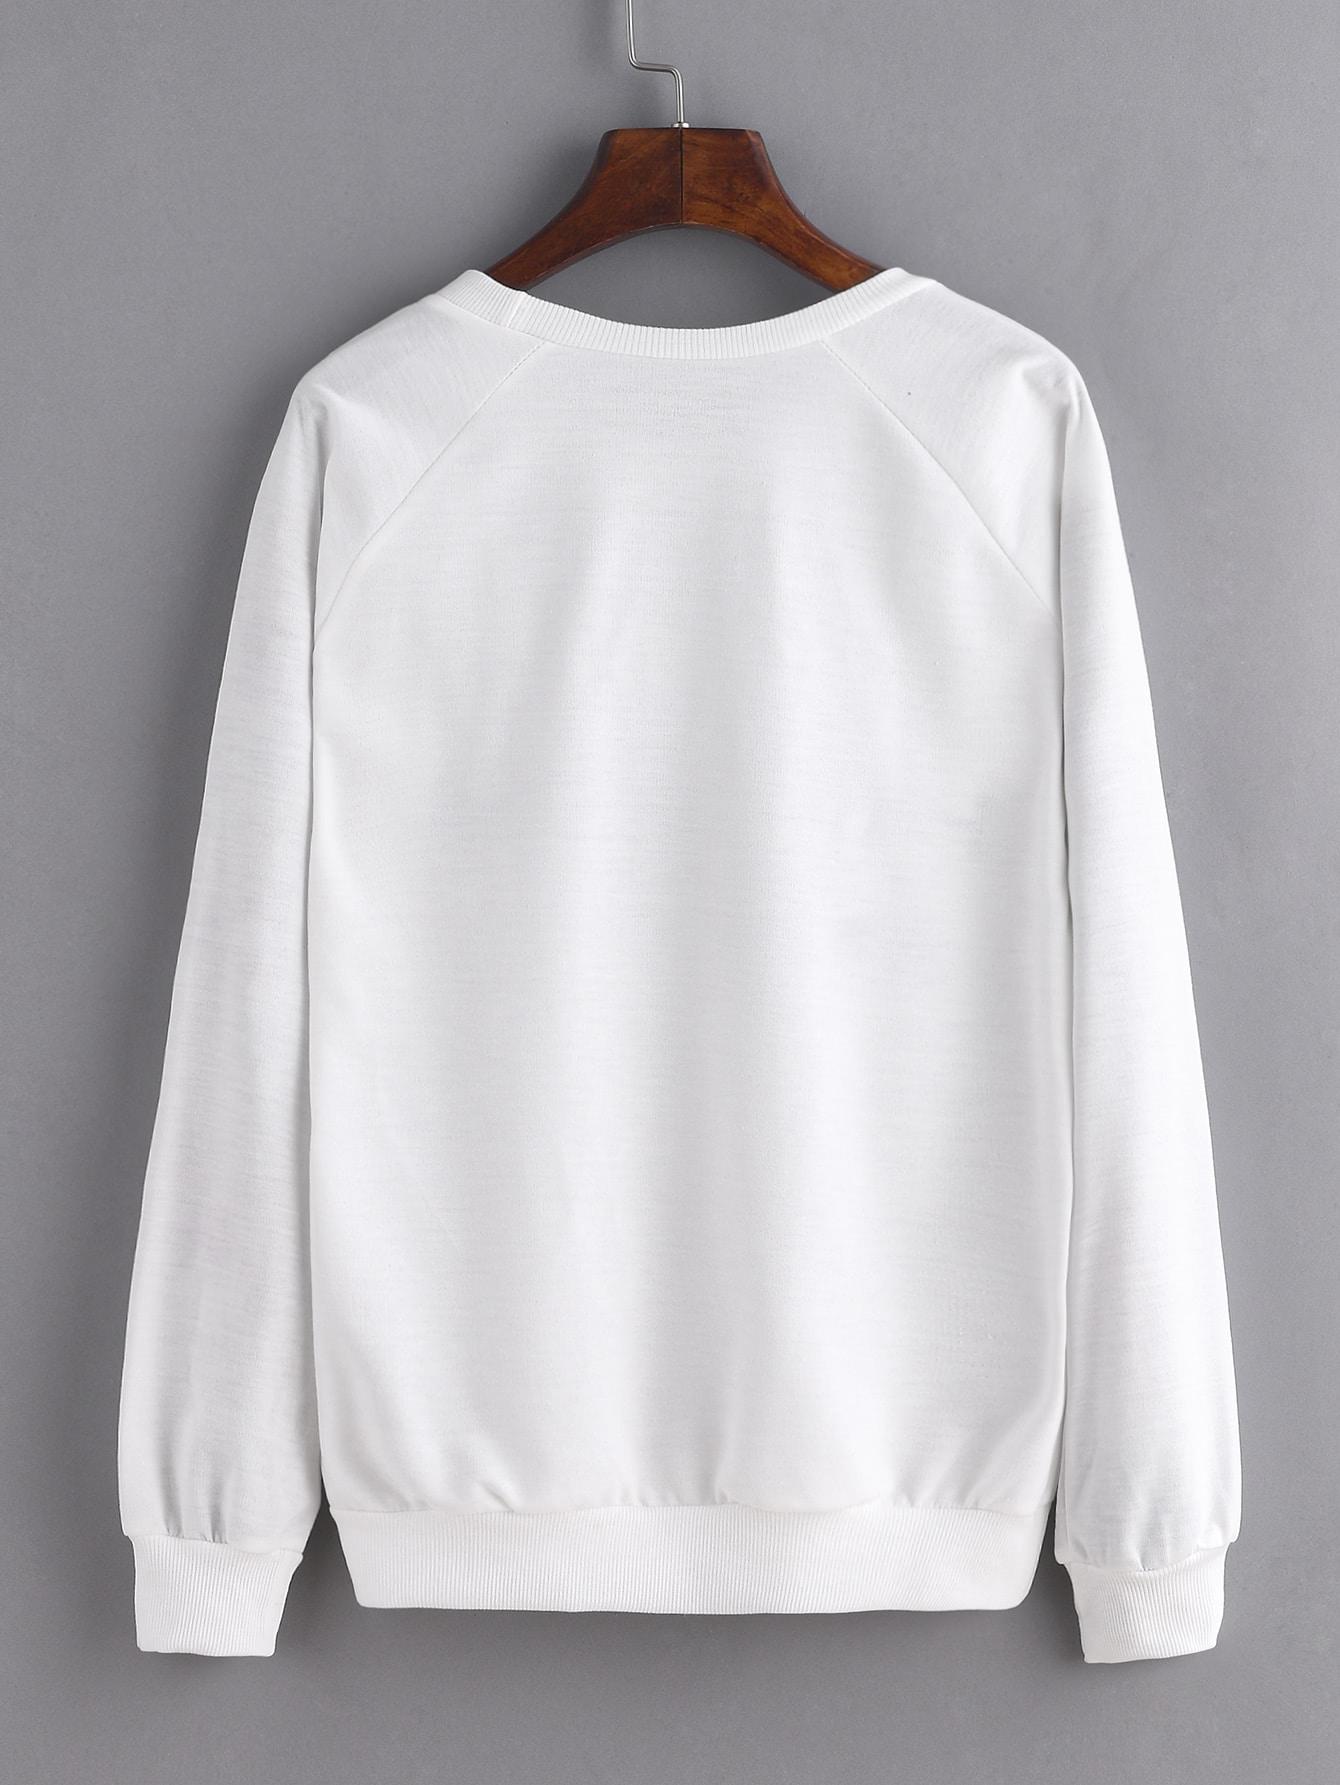 sweatshirt160808121_2